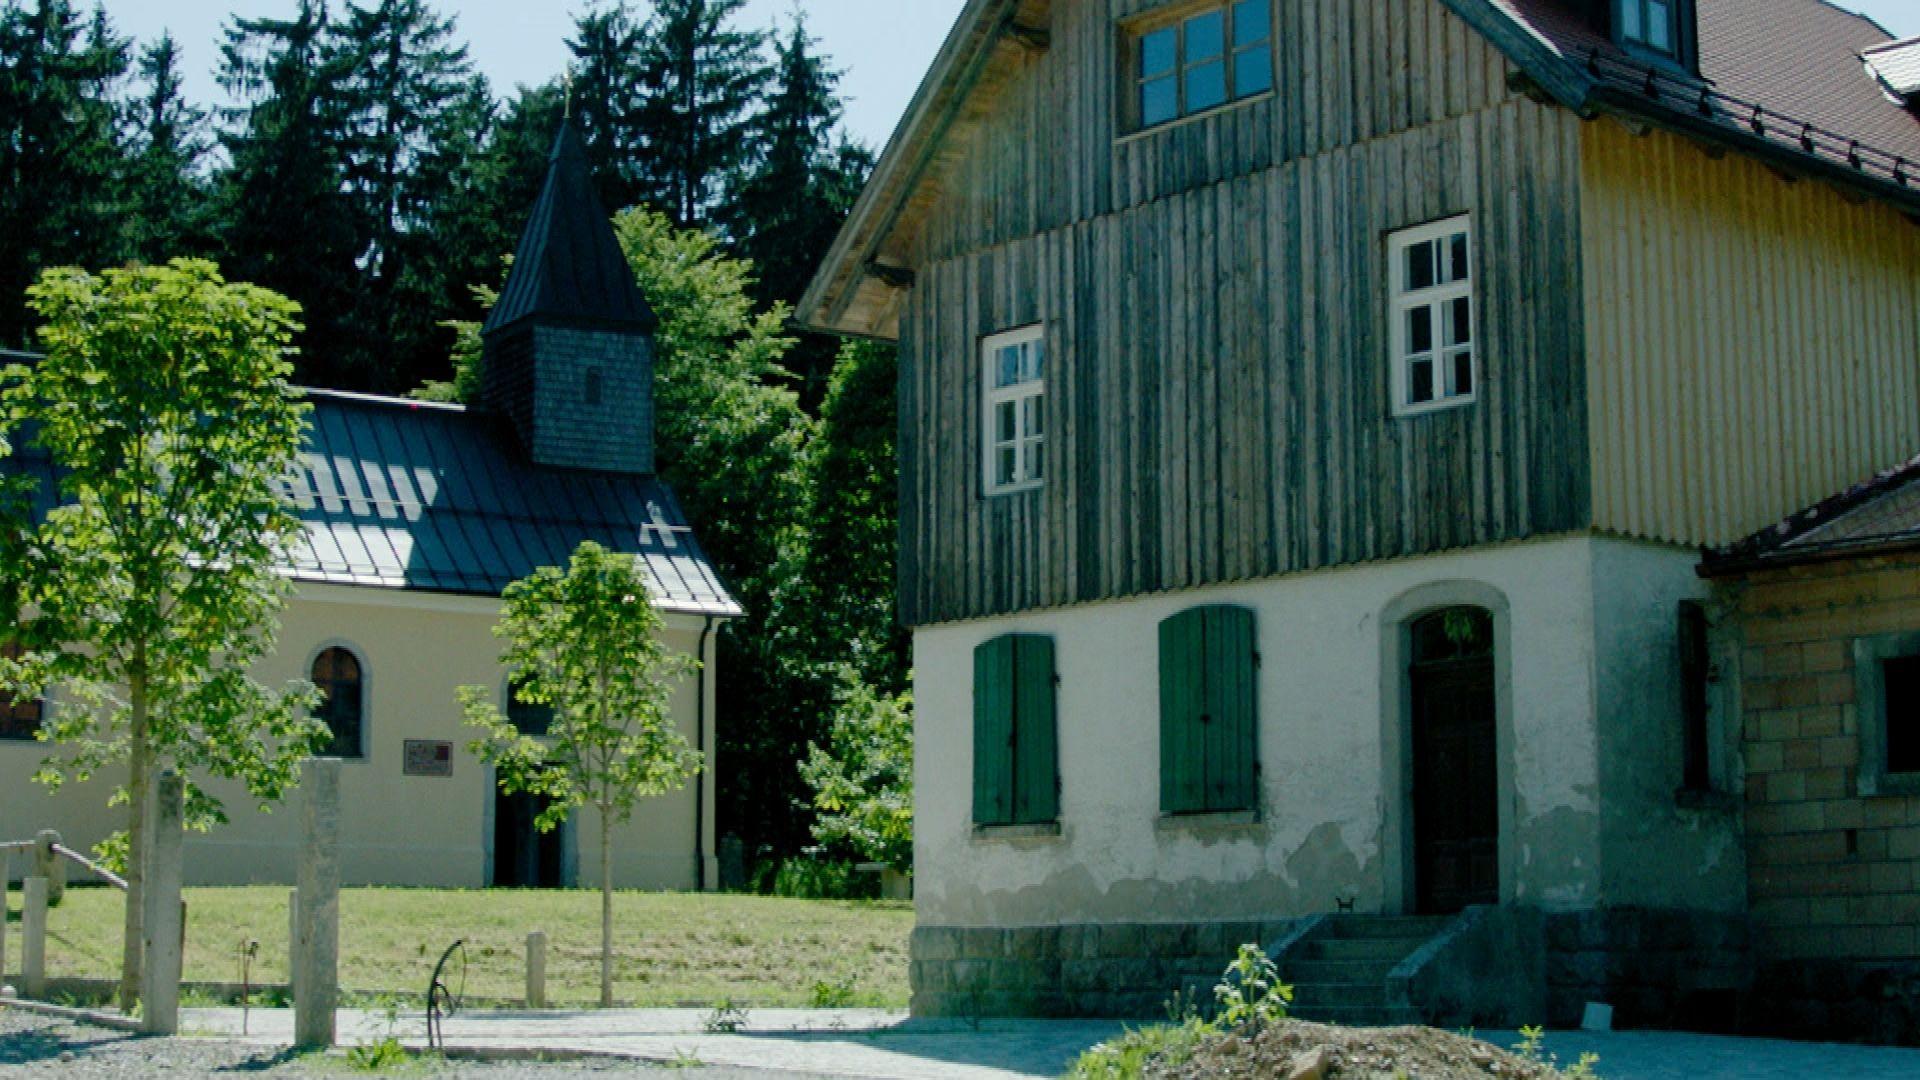 Die Kirche und das Schulhaus in dem leerstehenden Dorf Leopoldsreut im niederbayerischen Landkreis Freyung-Grafenau.